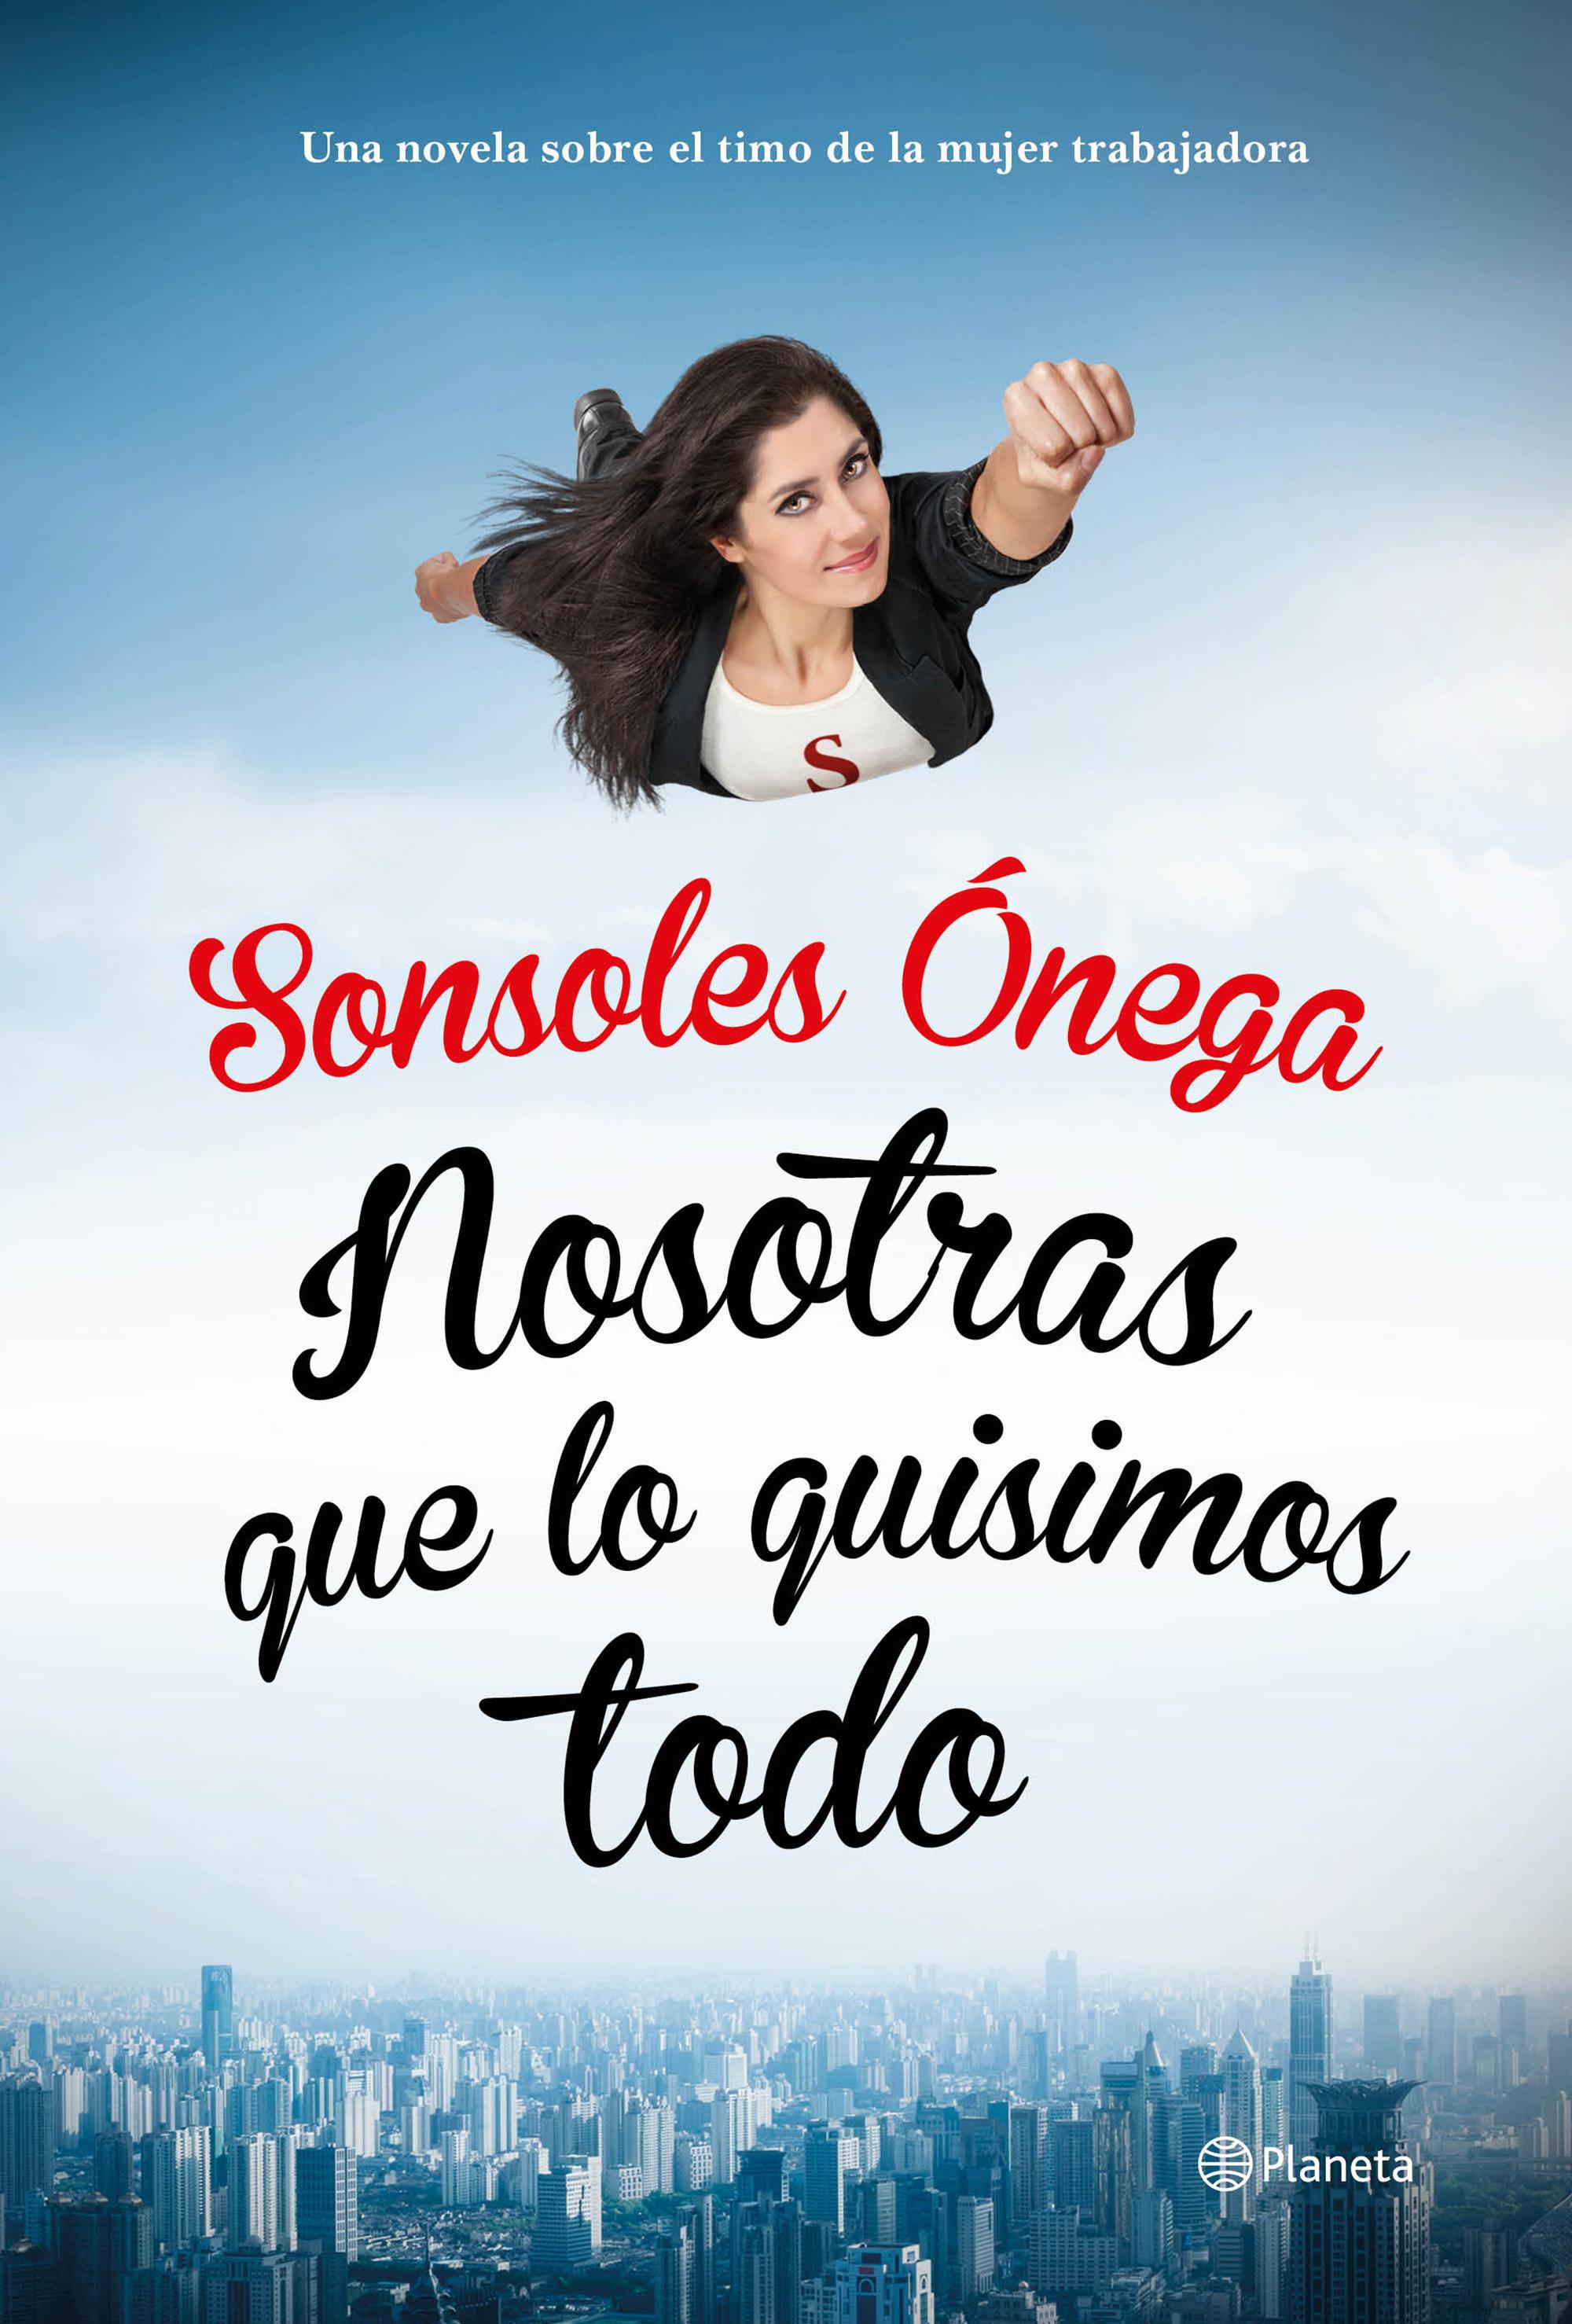 portada_nosotras-que-lo-quisimos-todo_sonsoles-onega_201411201326